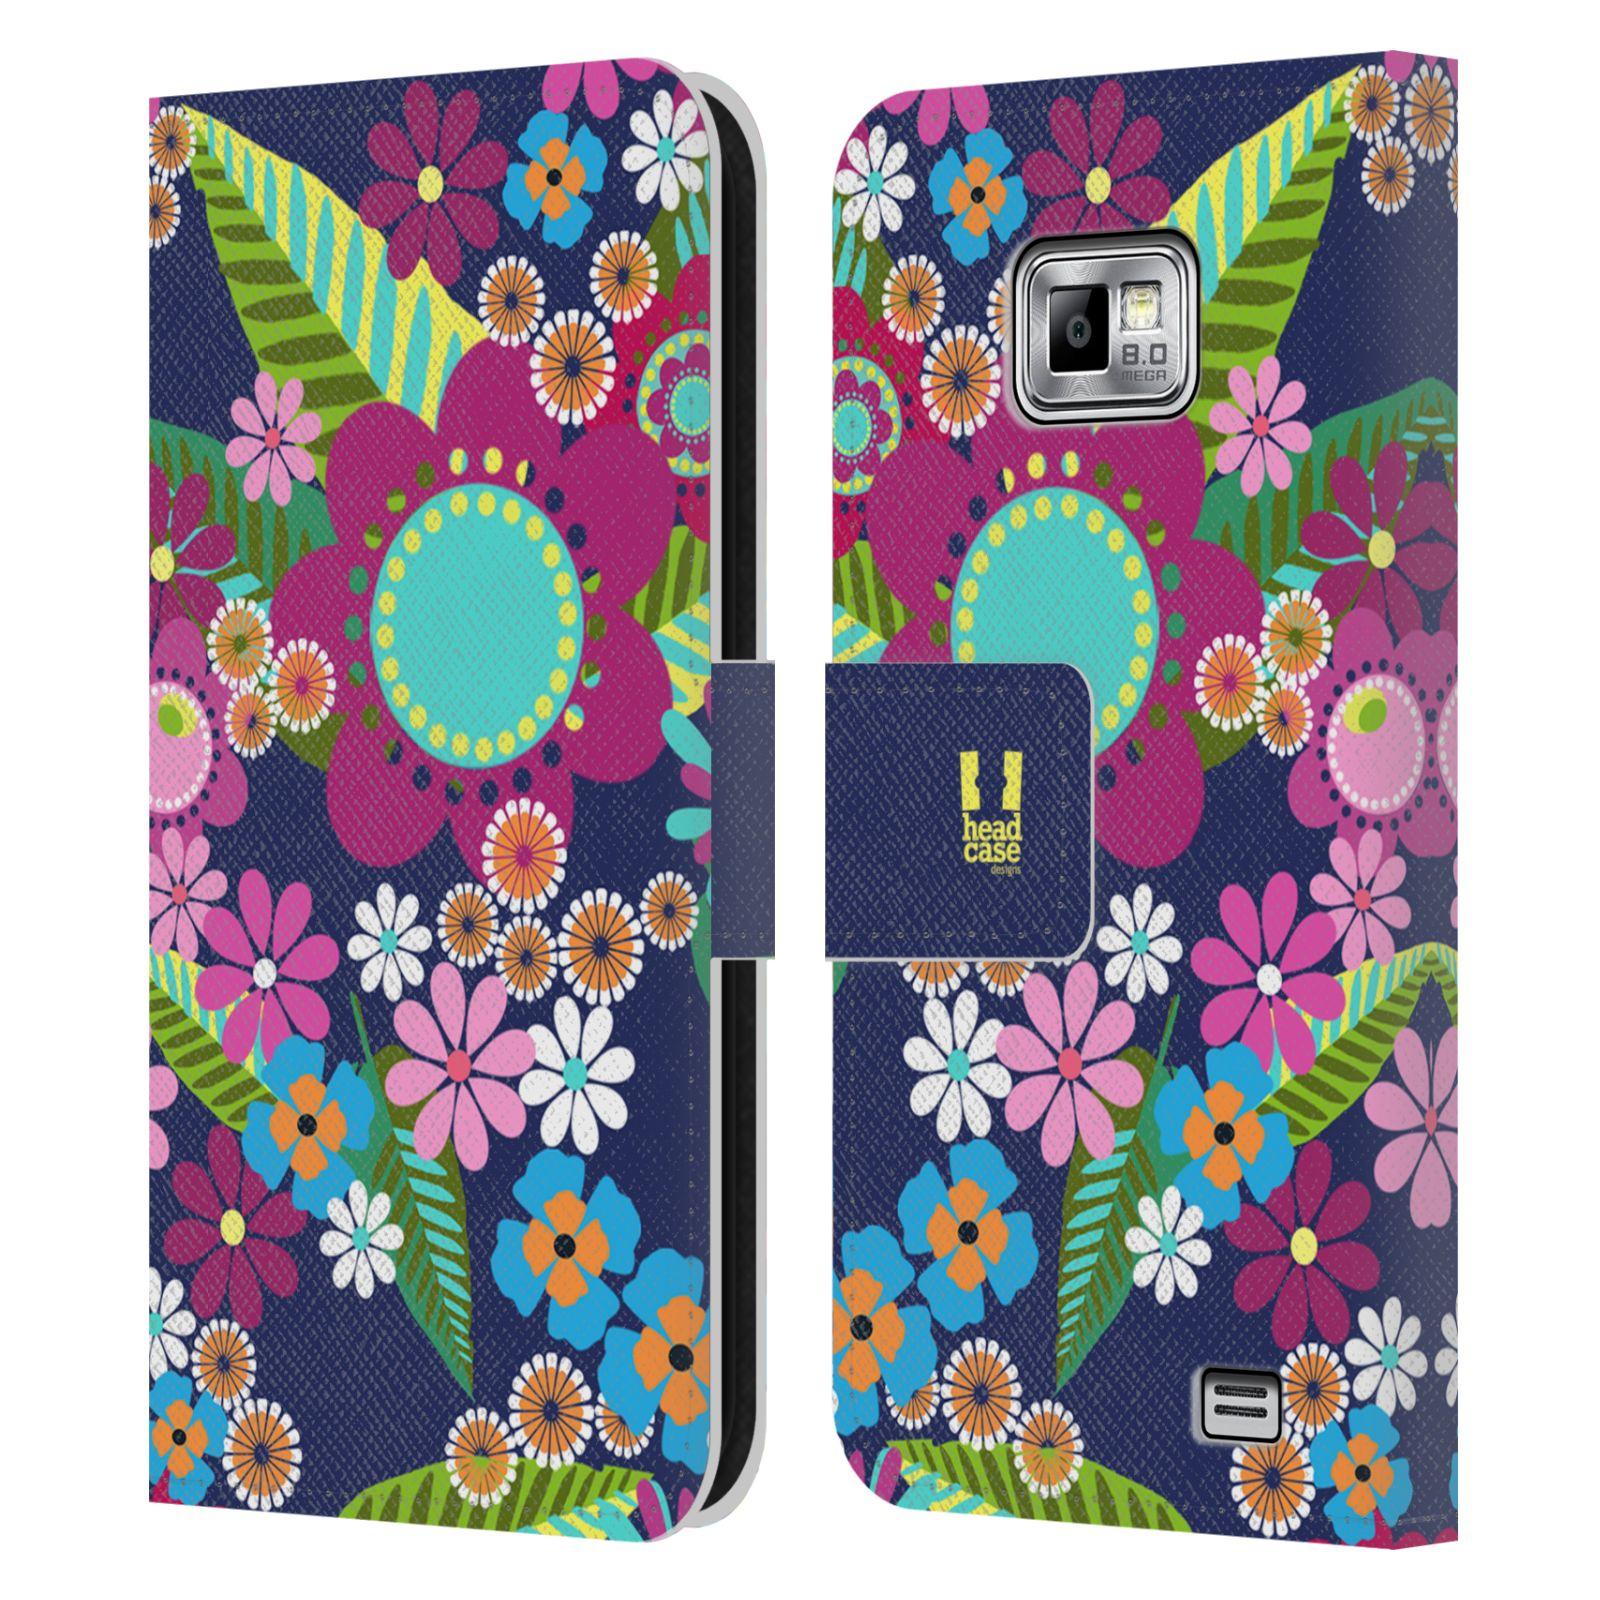 HEAD CASE Flipové pouzdro pro mobil Samsung Galaxy S2 i9100 BOTANIKA barevné květy modrá